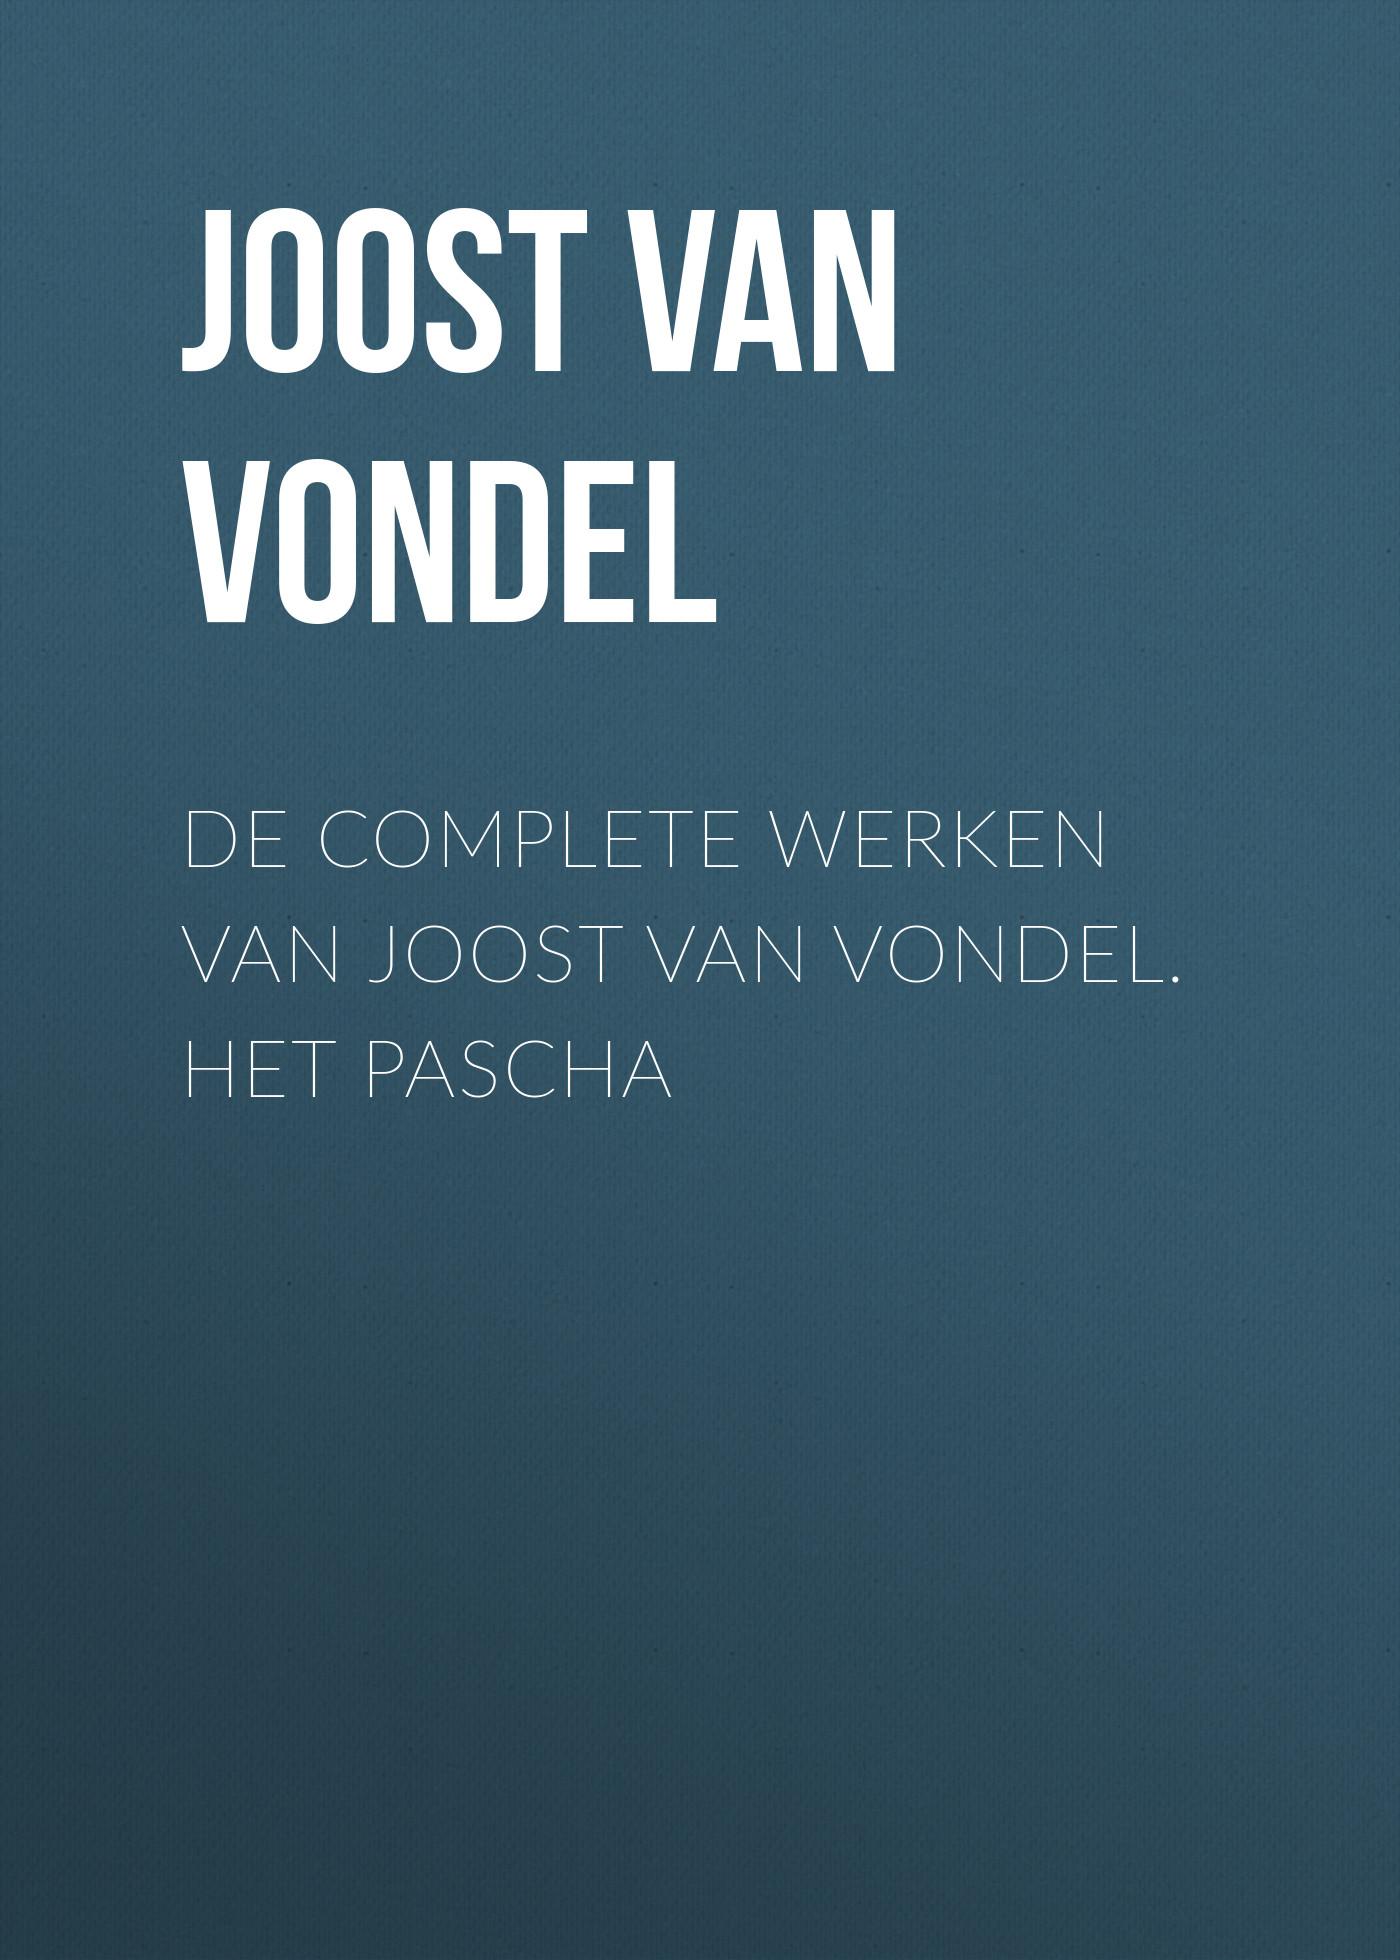 Joost van den Vondel De complete werken van Joost van Vondel. Het Pascha joost van den vondel de complete werken van joost van vondel 3